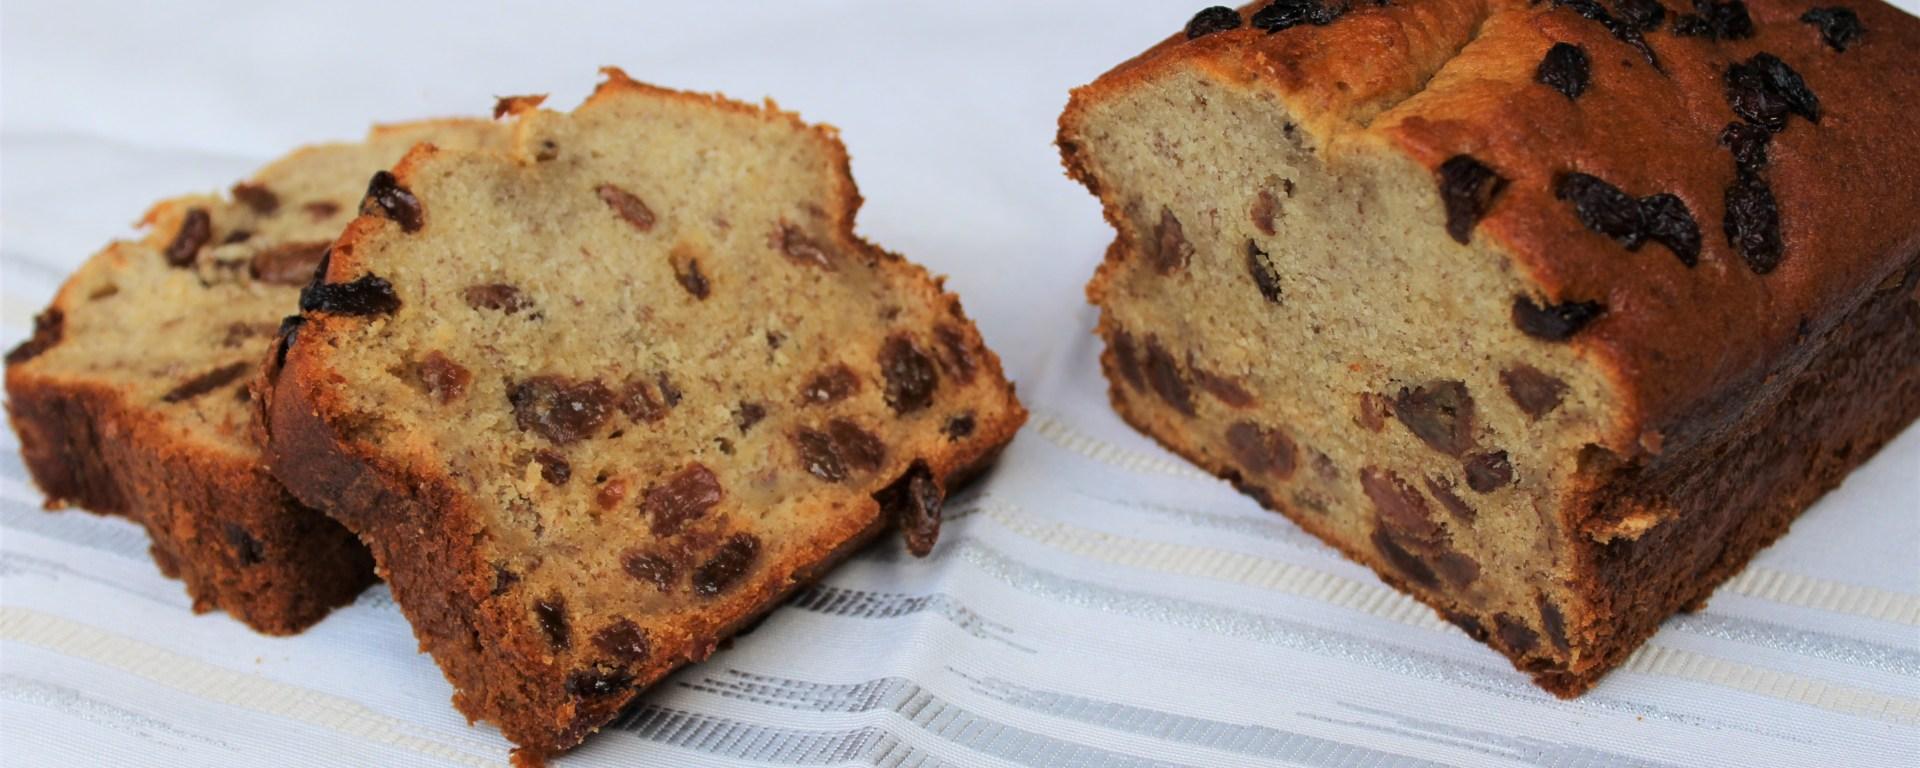 Délicimô ! - Recette Cake Gâteau Banane Raisin Sec Rhum - www.delicimo.fr